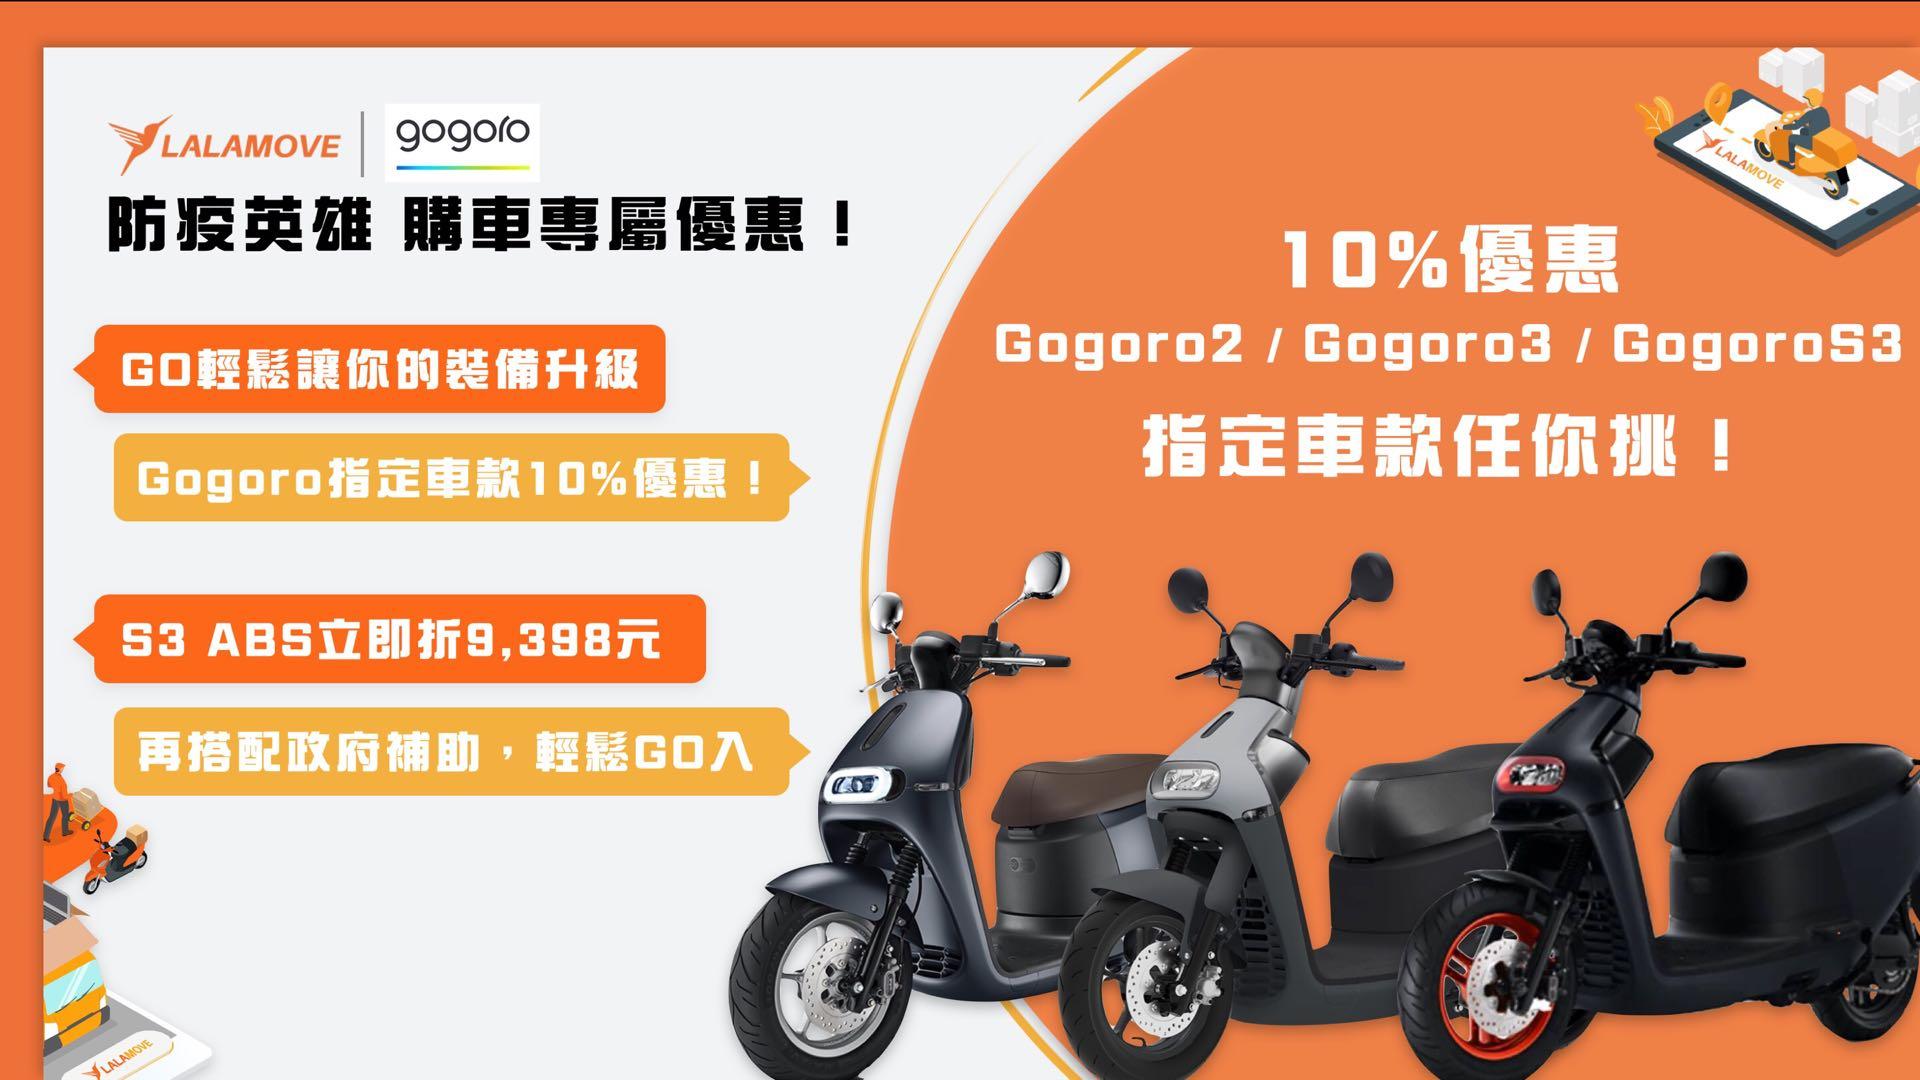 driver incentive page_gogoro